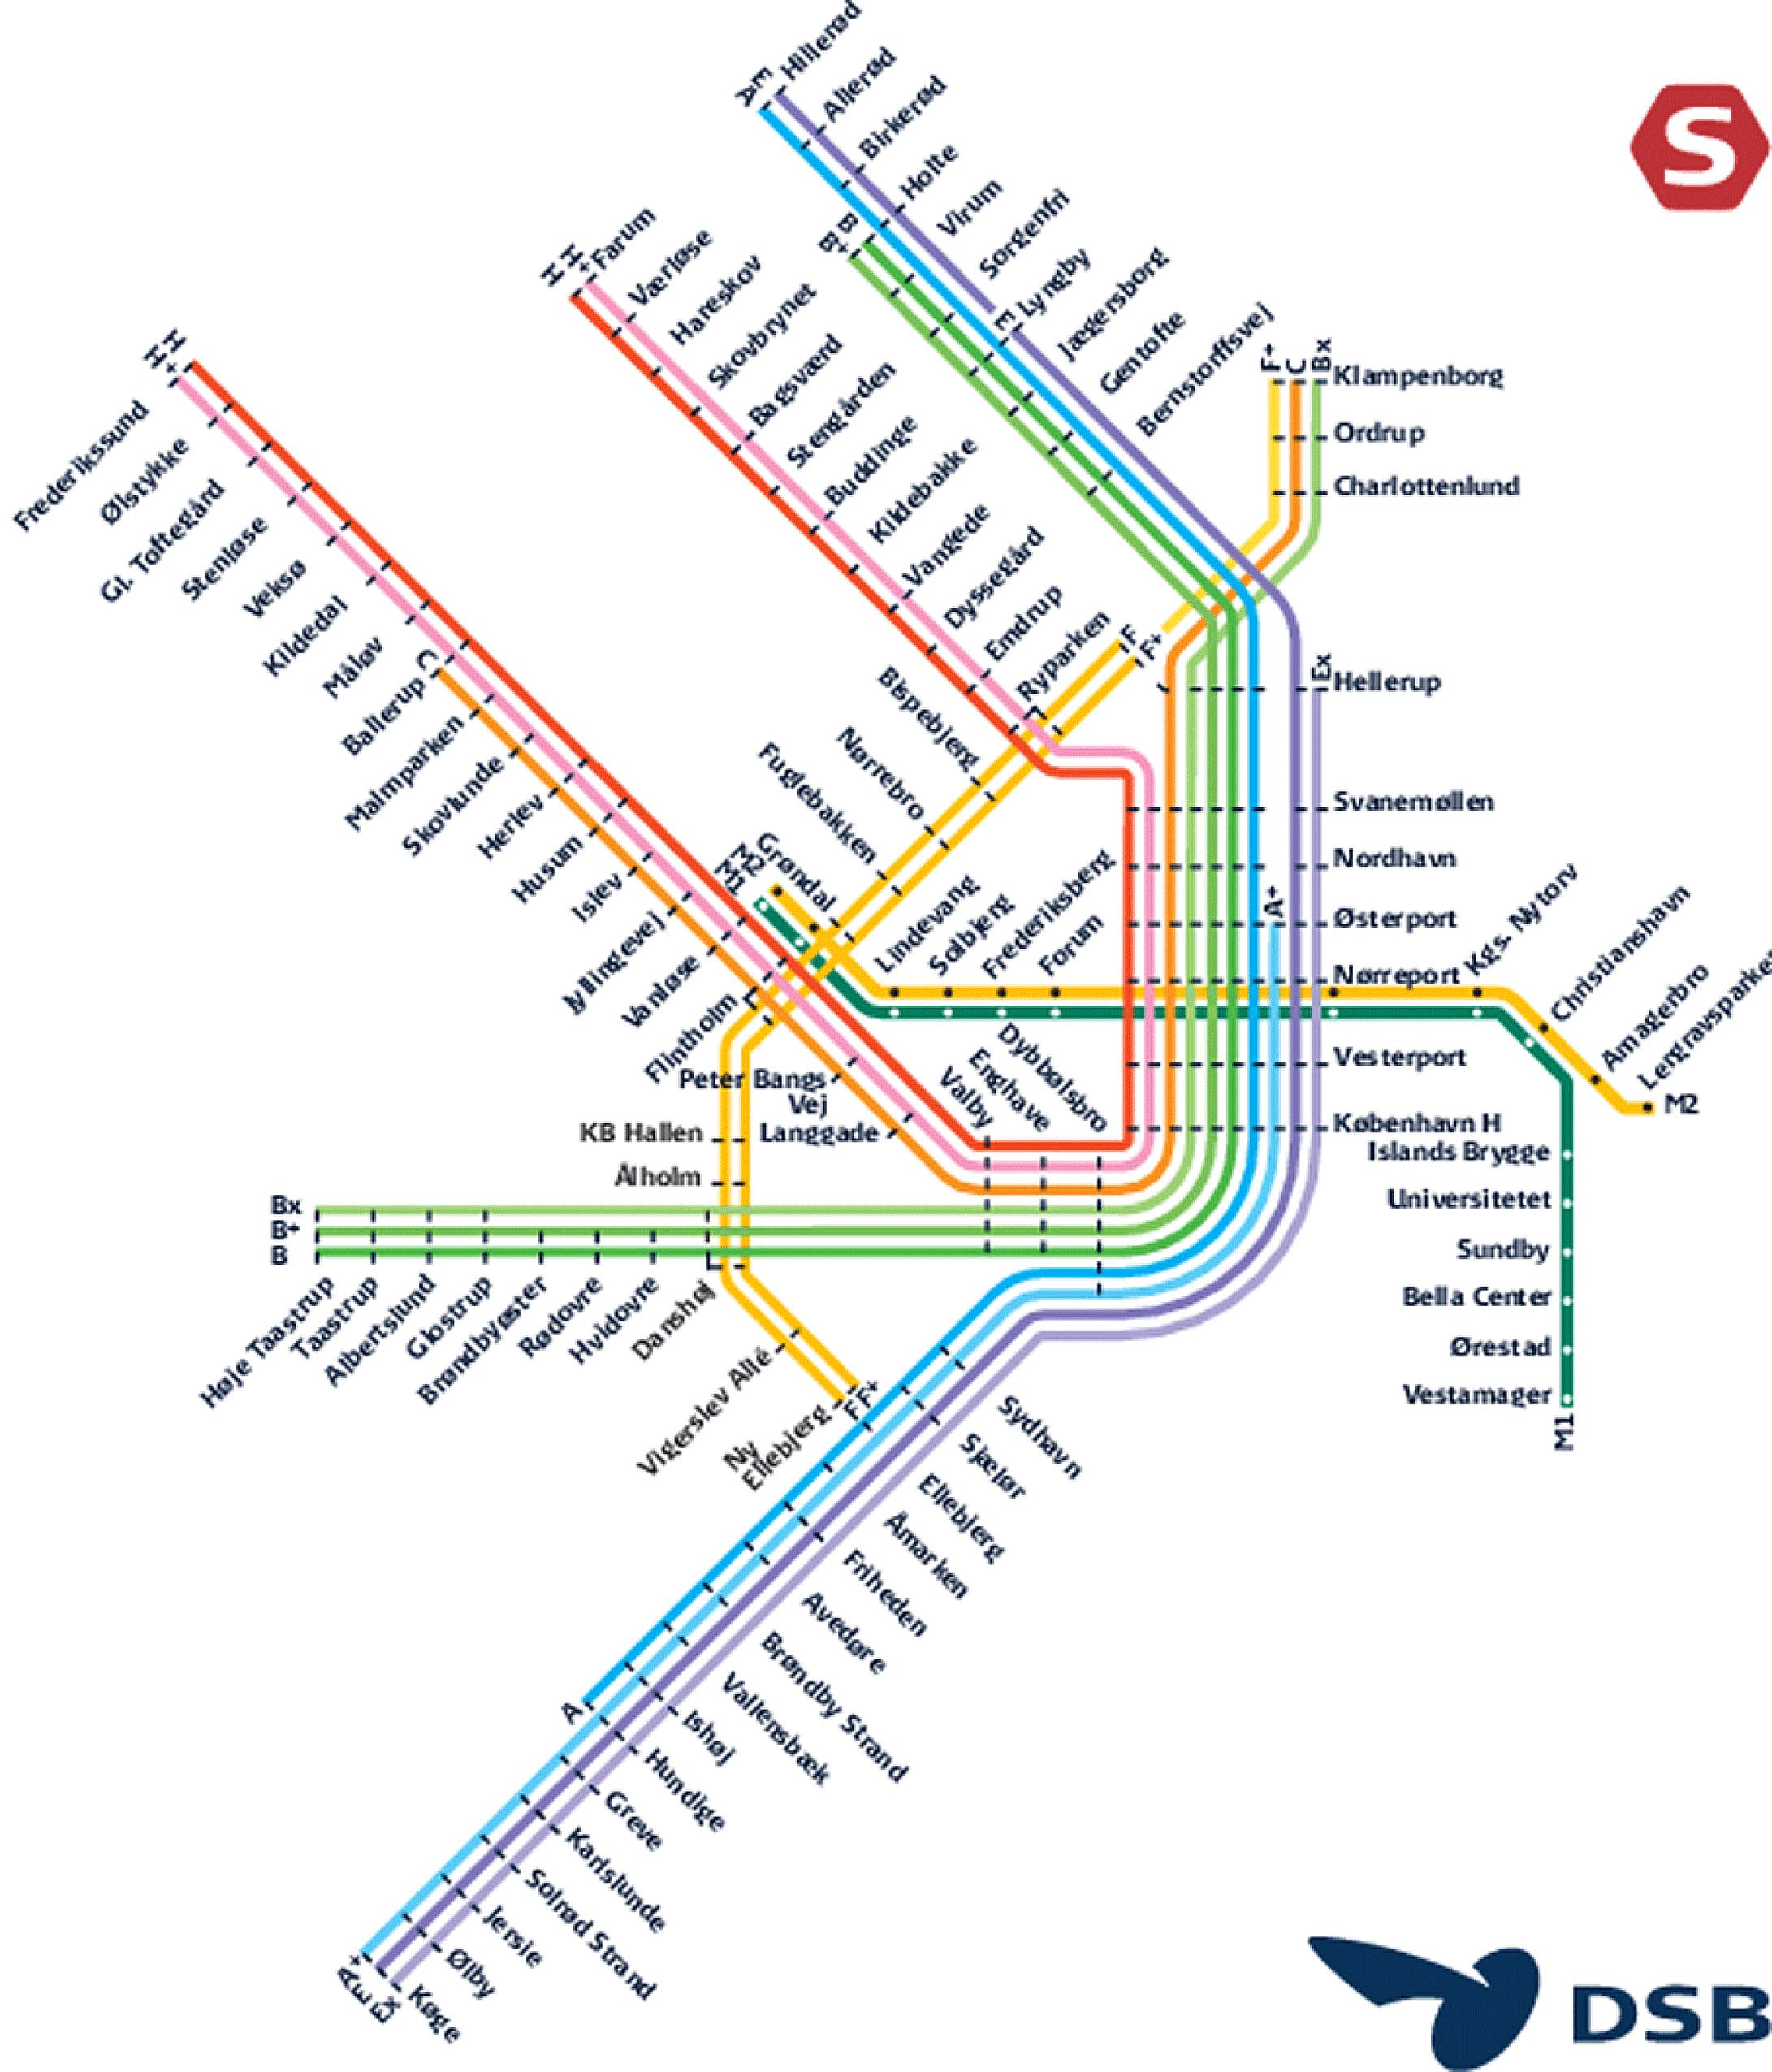 Mapa metro de Copenhage